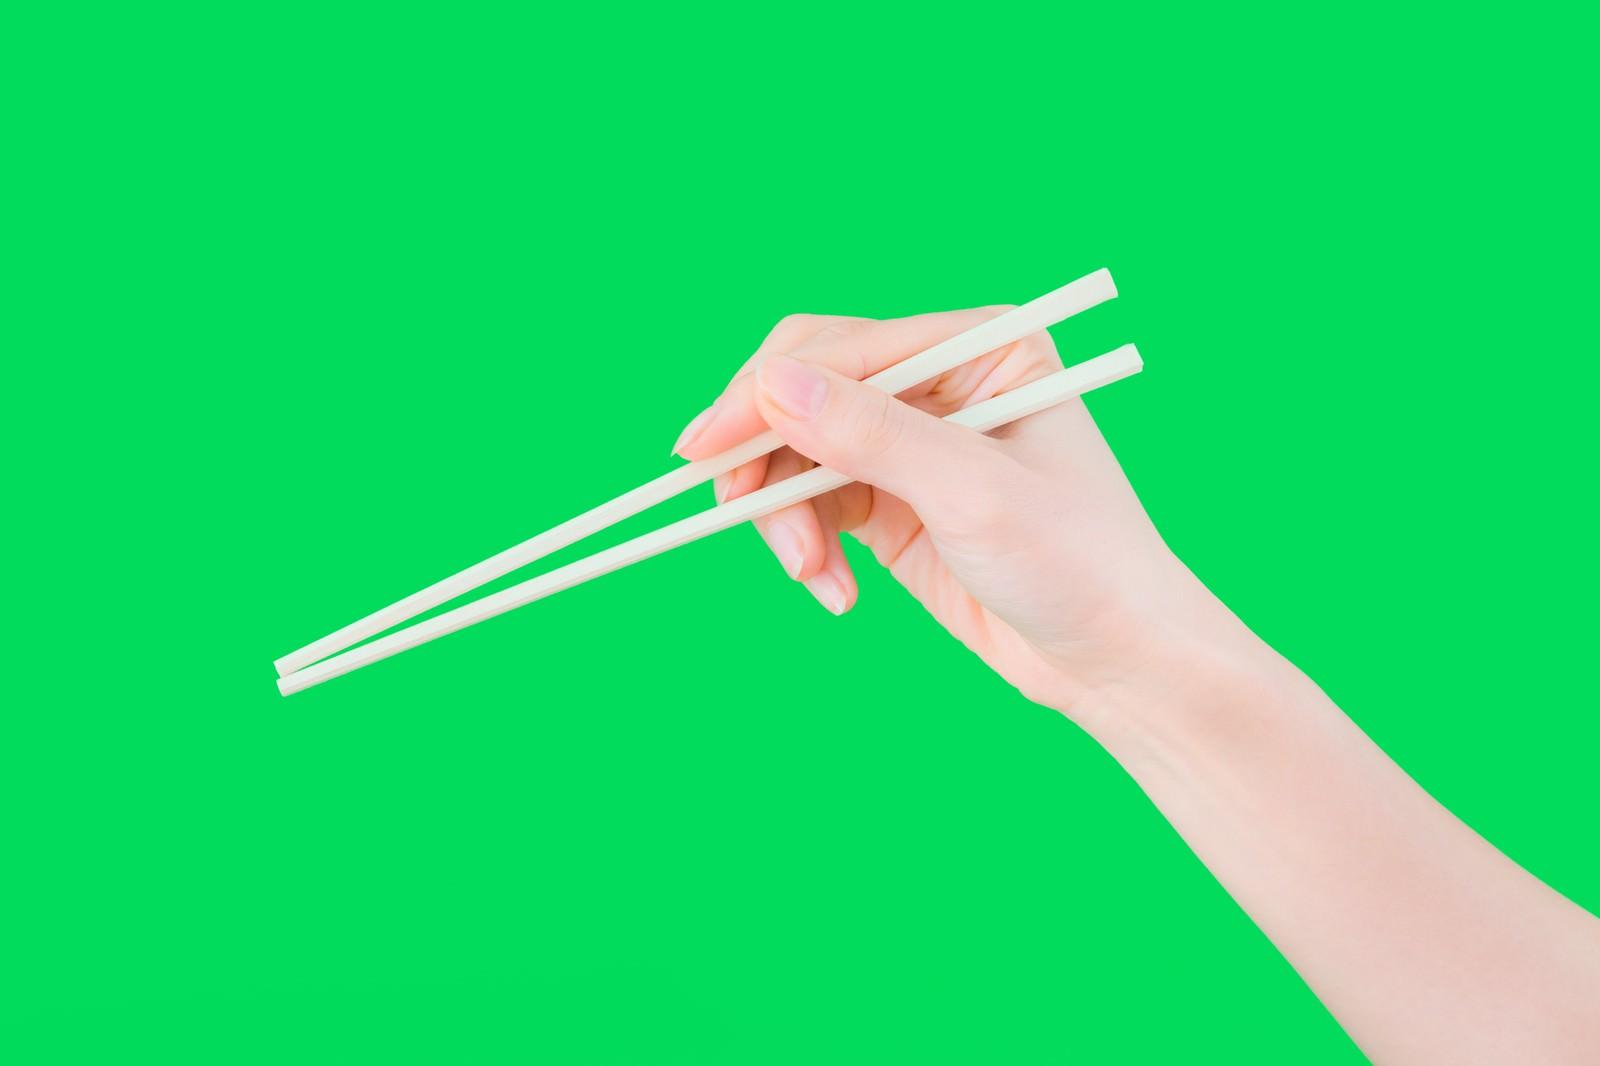 「箸を持った手(グリーンバック)箸を持った手(グリーンバック)」[モデル:MOA]のフリー写真素材を拡大